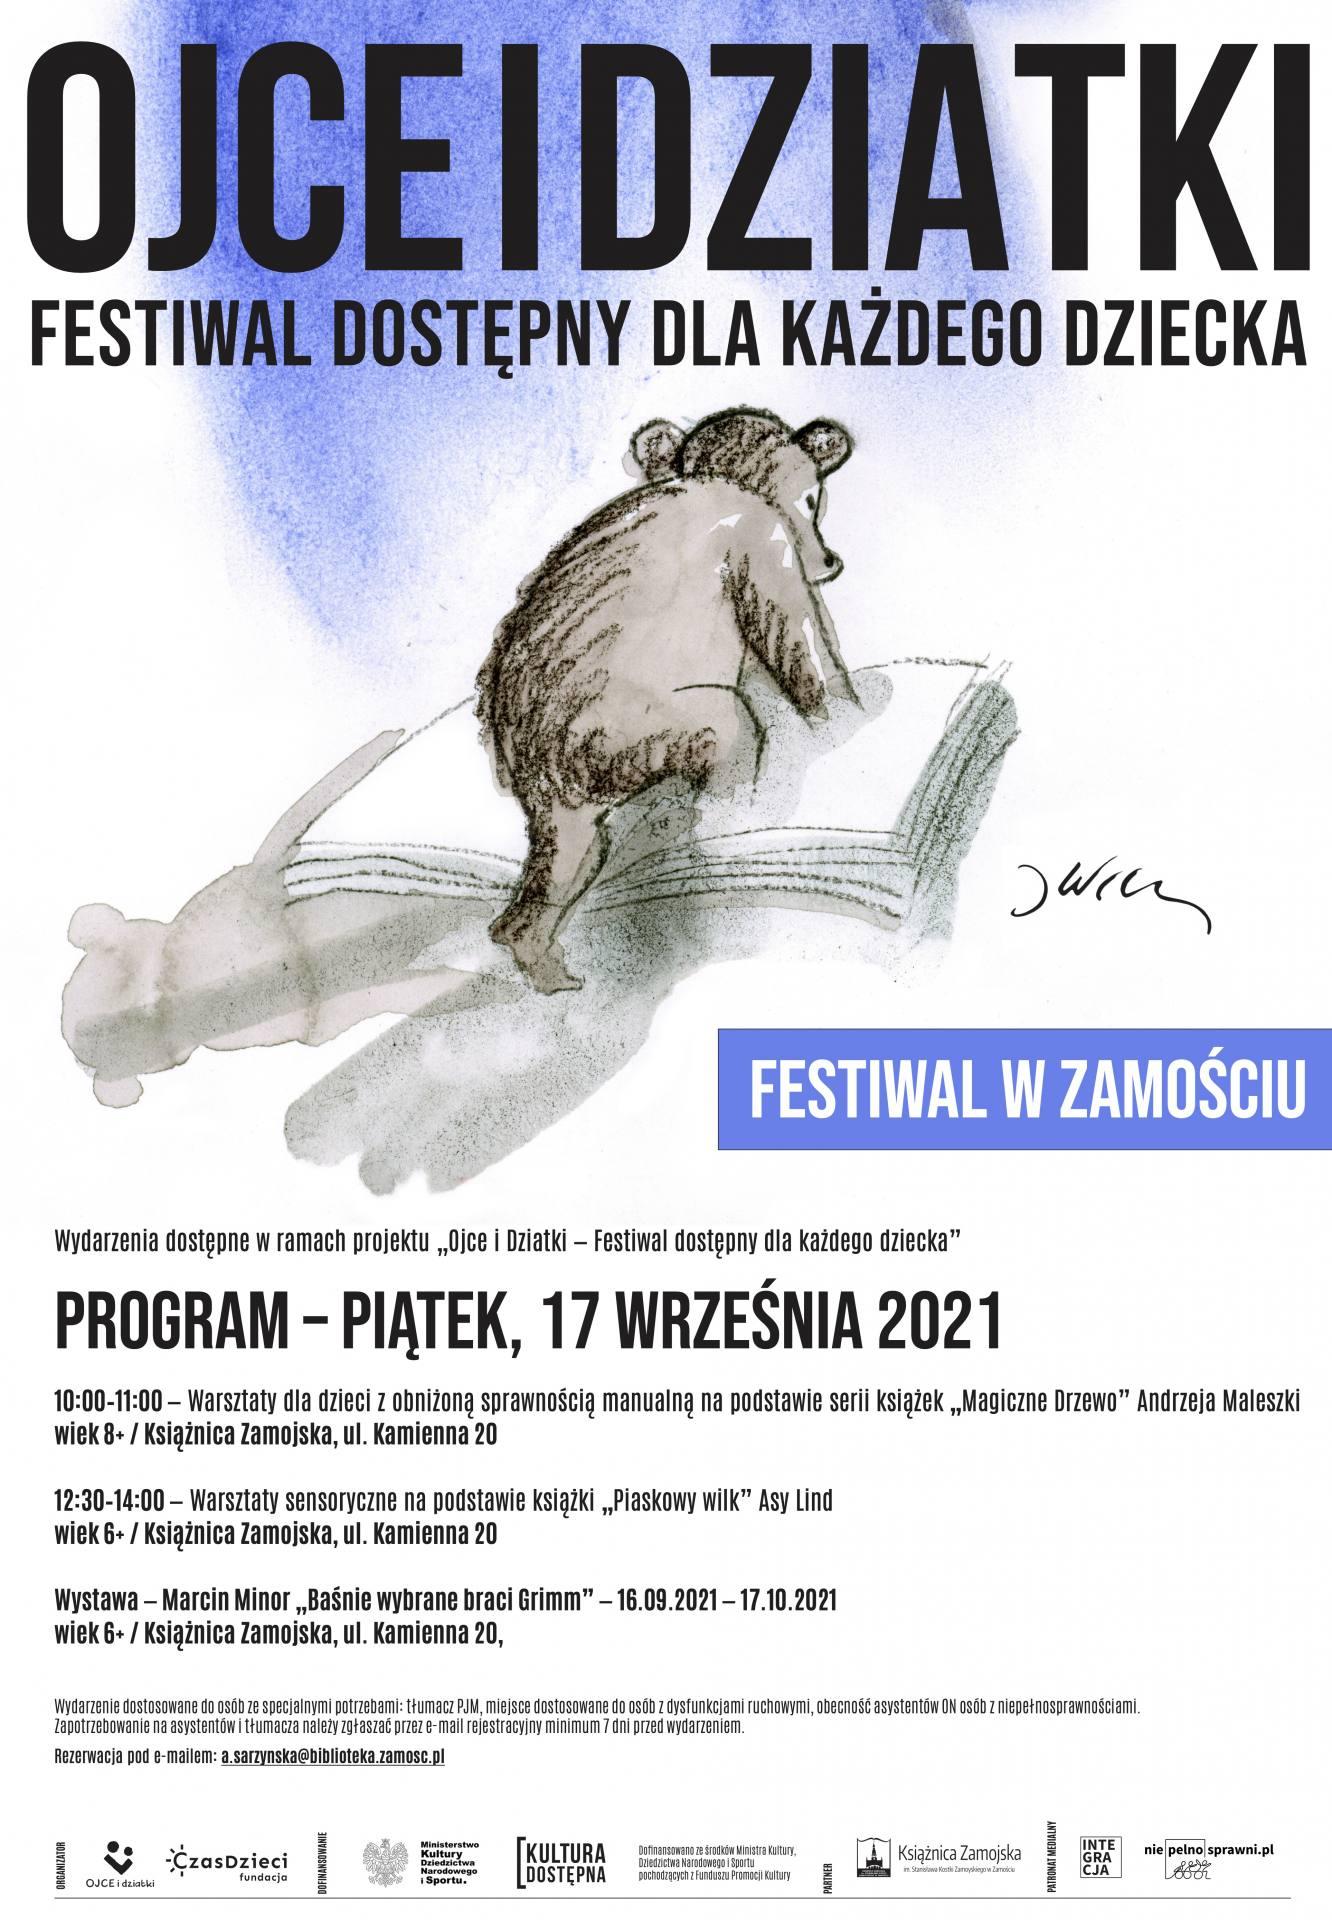 afisz zamosc 2021 Międzypokoleniowy Festiwal Literatury Dziecięcej Ojce i Dziatki w Zamościu